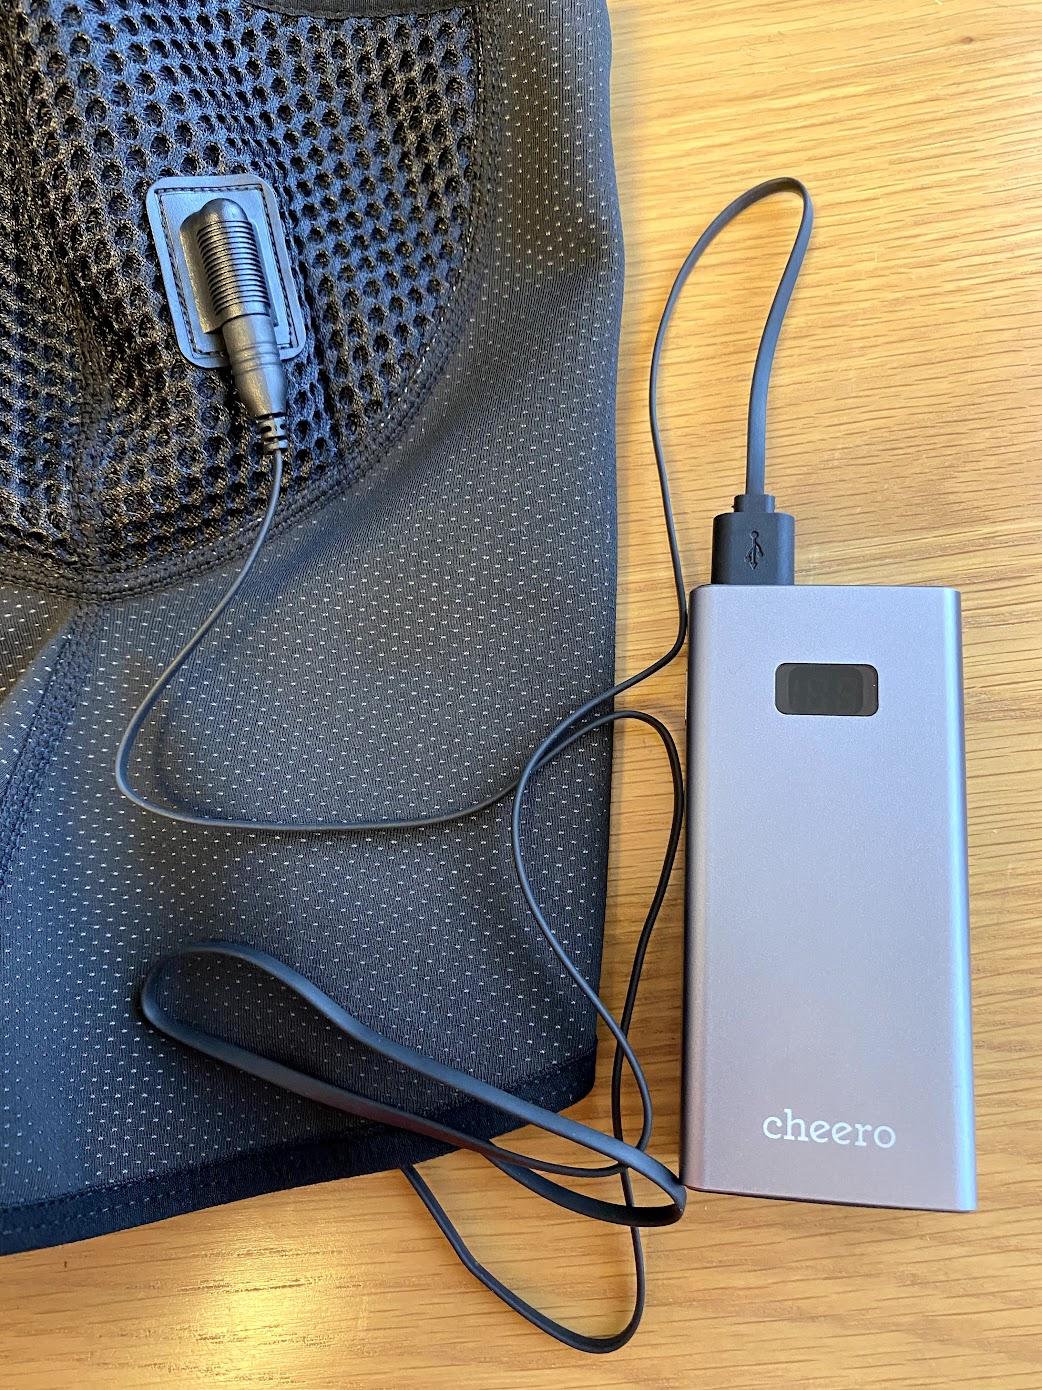 フェイルマスクとモバイルバッテリー接続